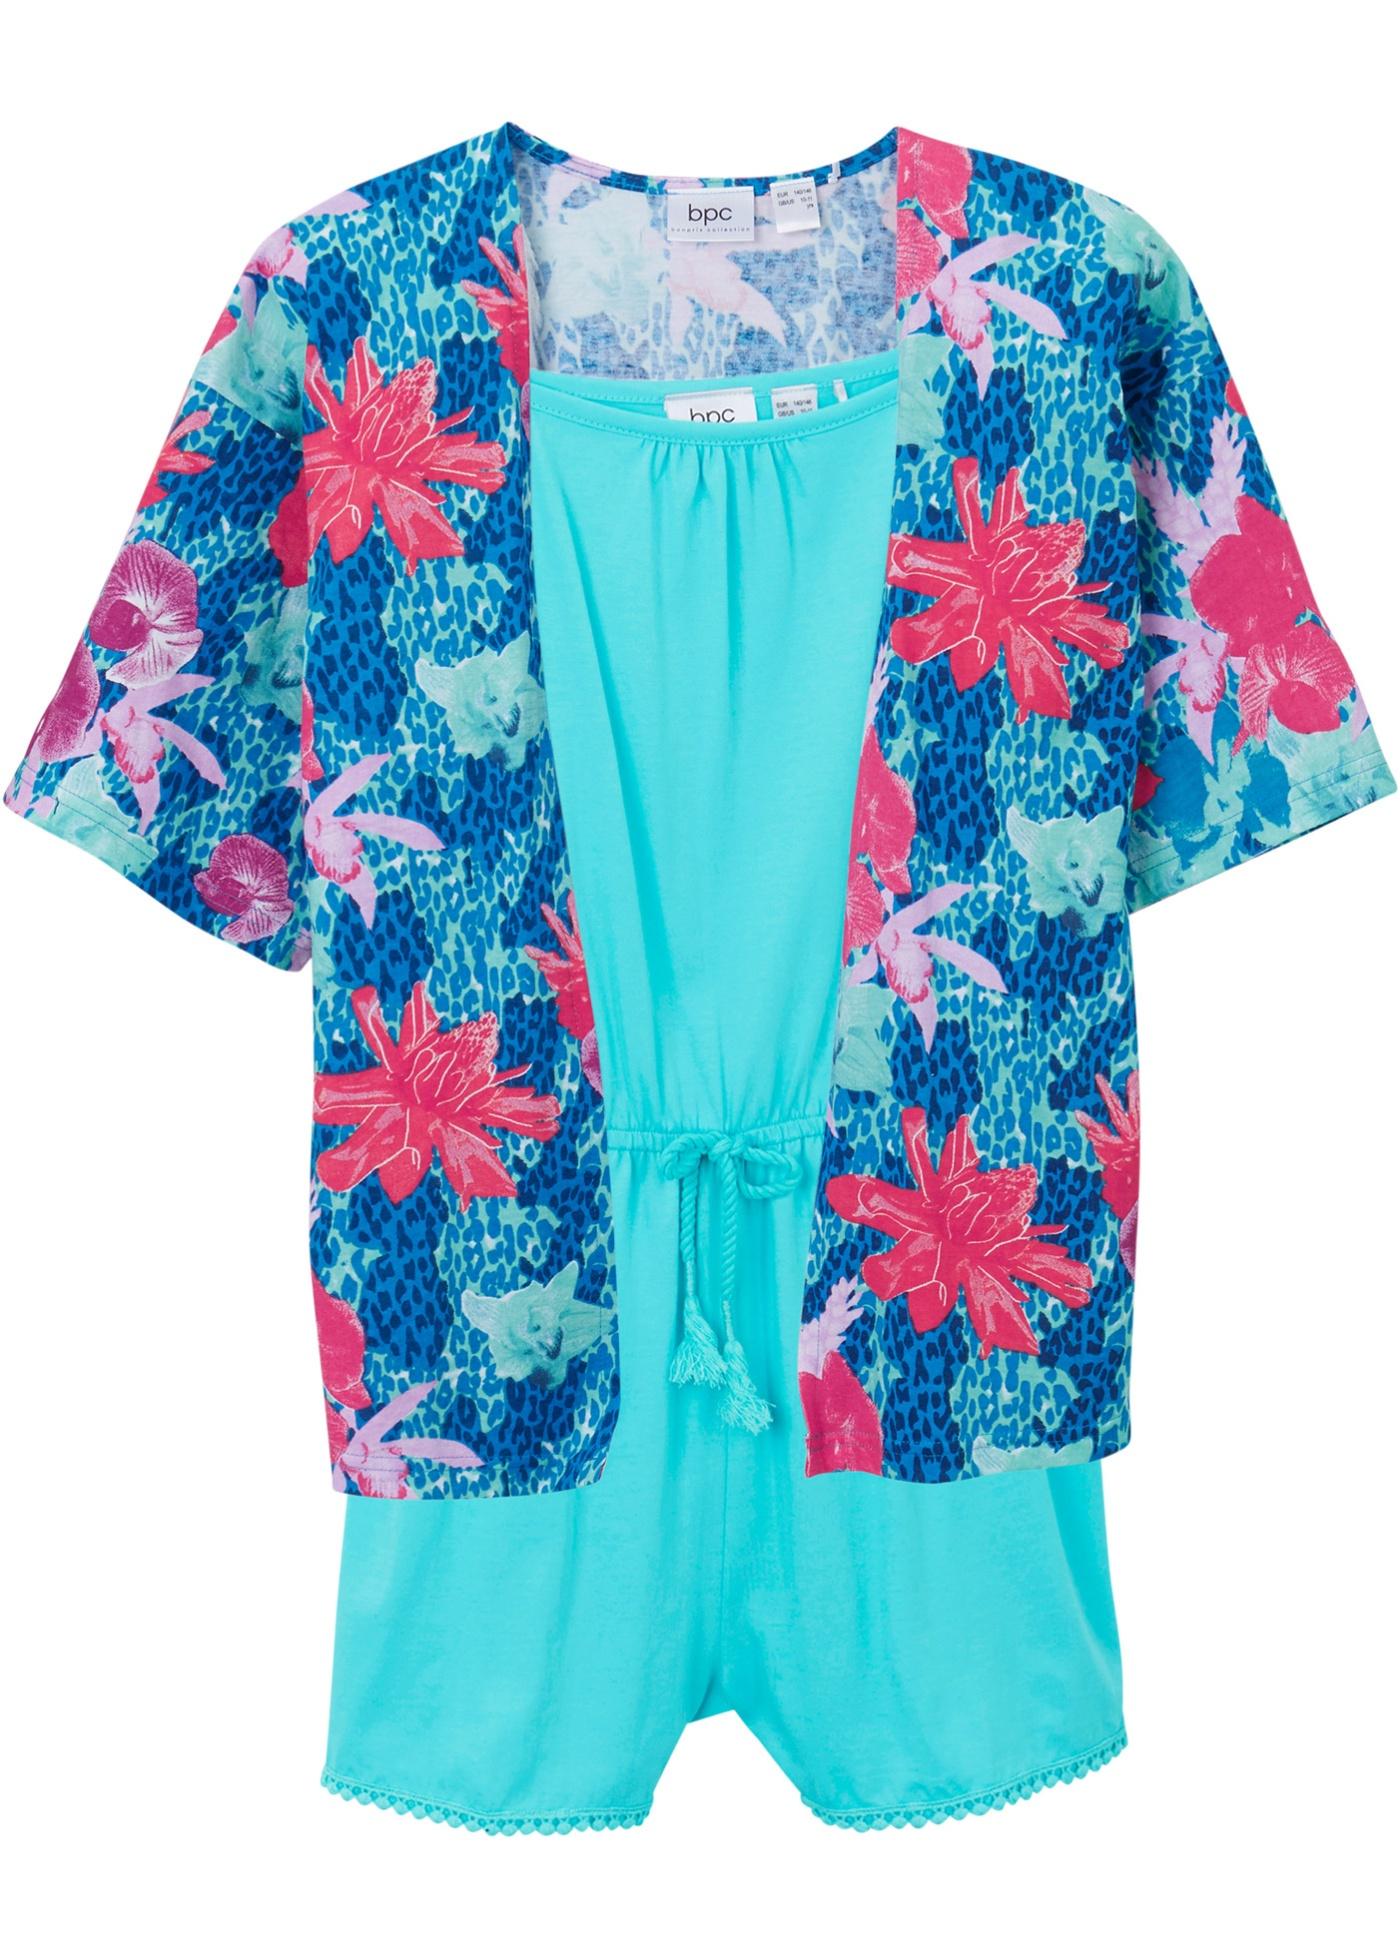 Mädchen Jumpsuit und Shirtjacke (2-tlg.Set) ohne Ärmel  in blau für Mädchen von bonprix